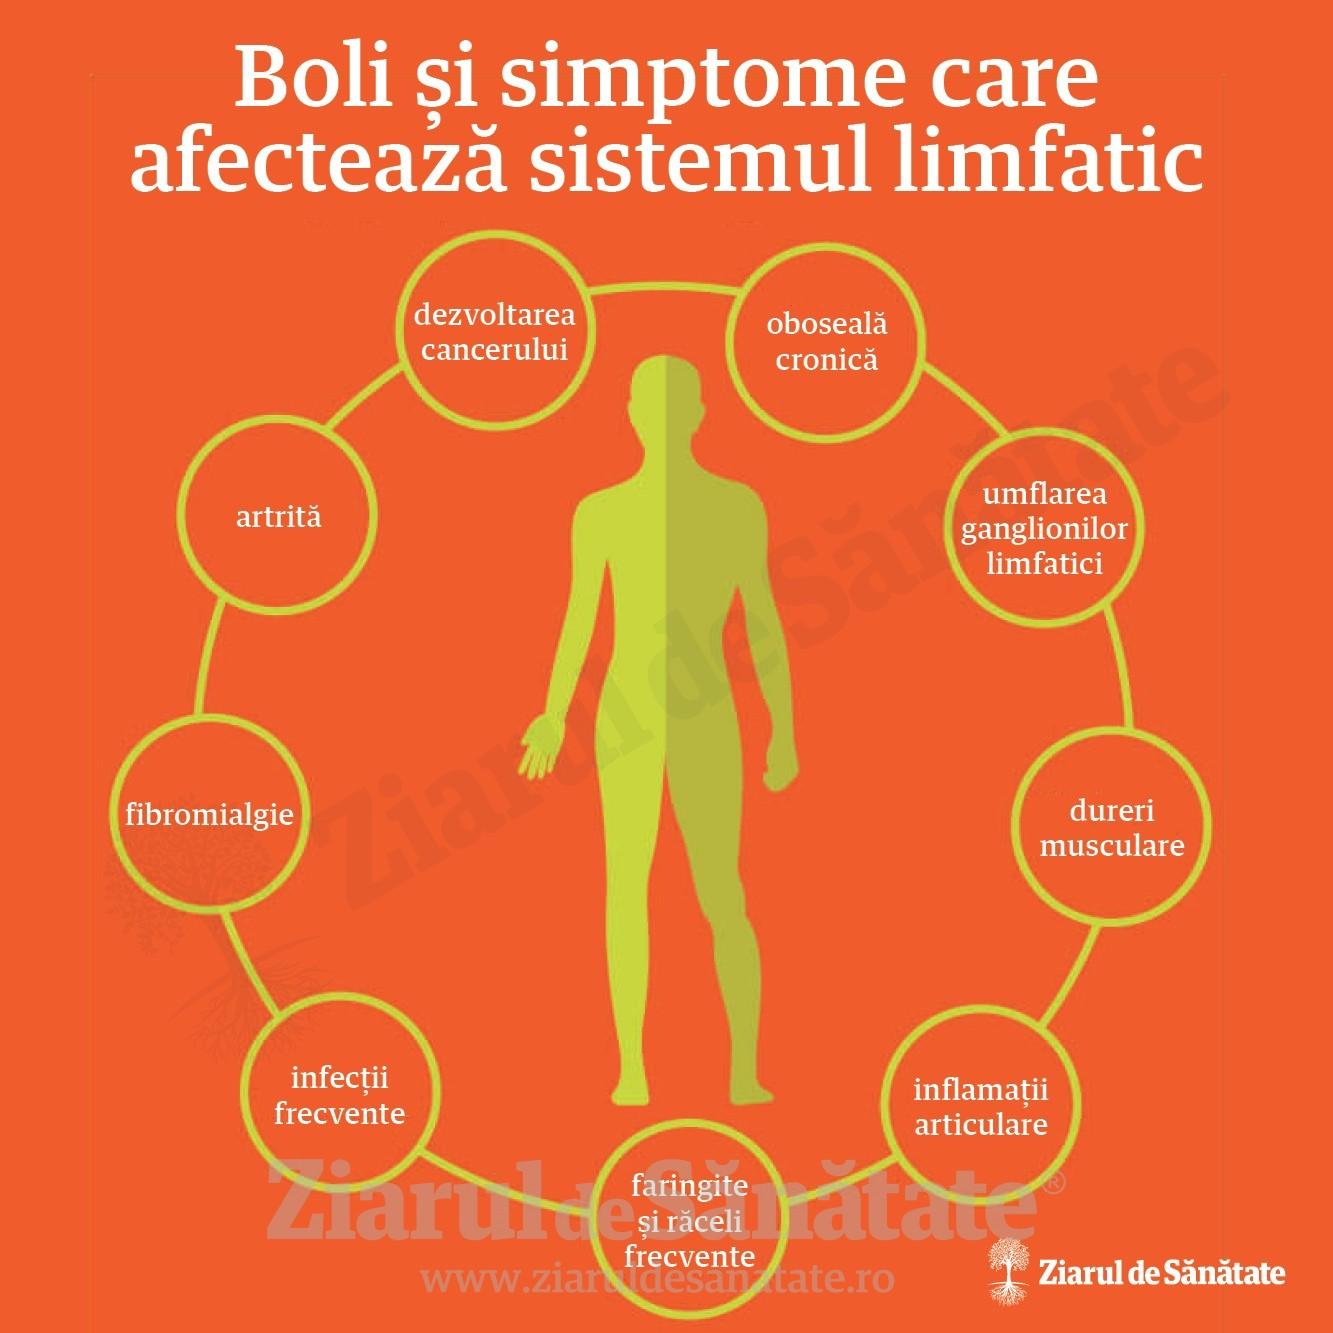 inflamația articulară este o afectare a sistemului limfatic